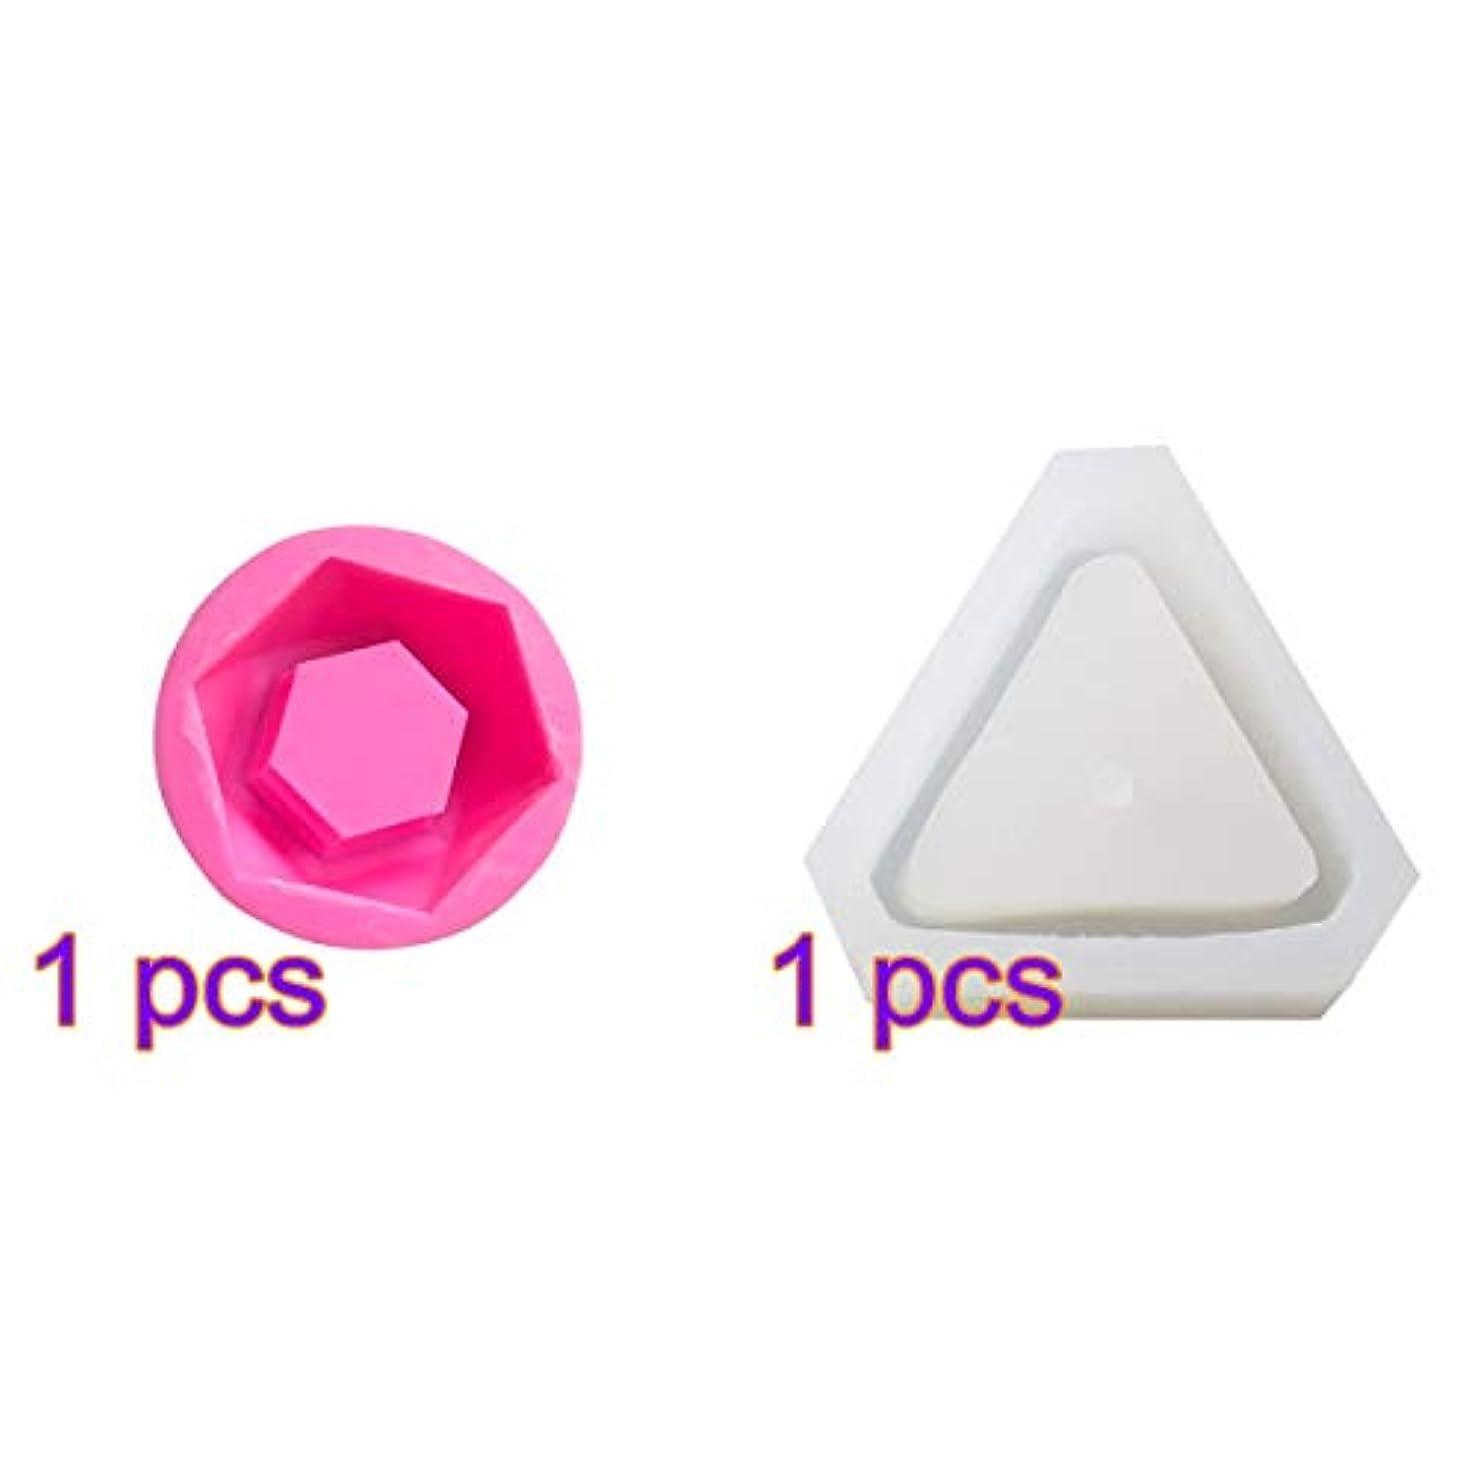 賭け記録とげSUPVOX シリコーン金型多肉植物植物セメントプランター金型ホームインテリア(三角形+ダイヤモンド)